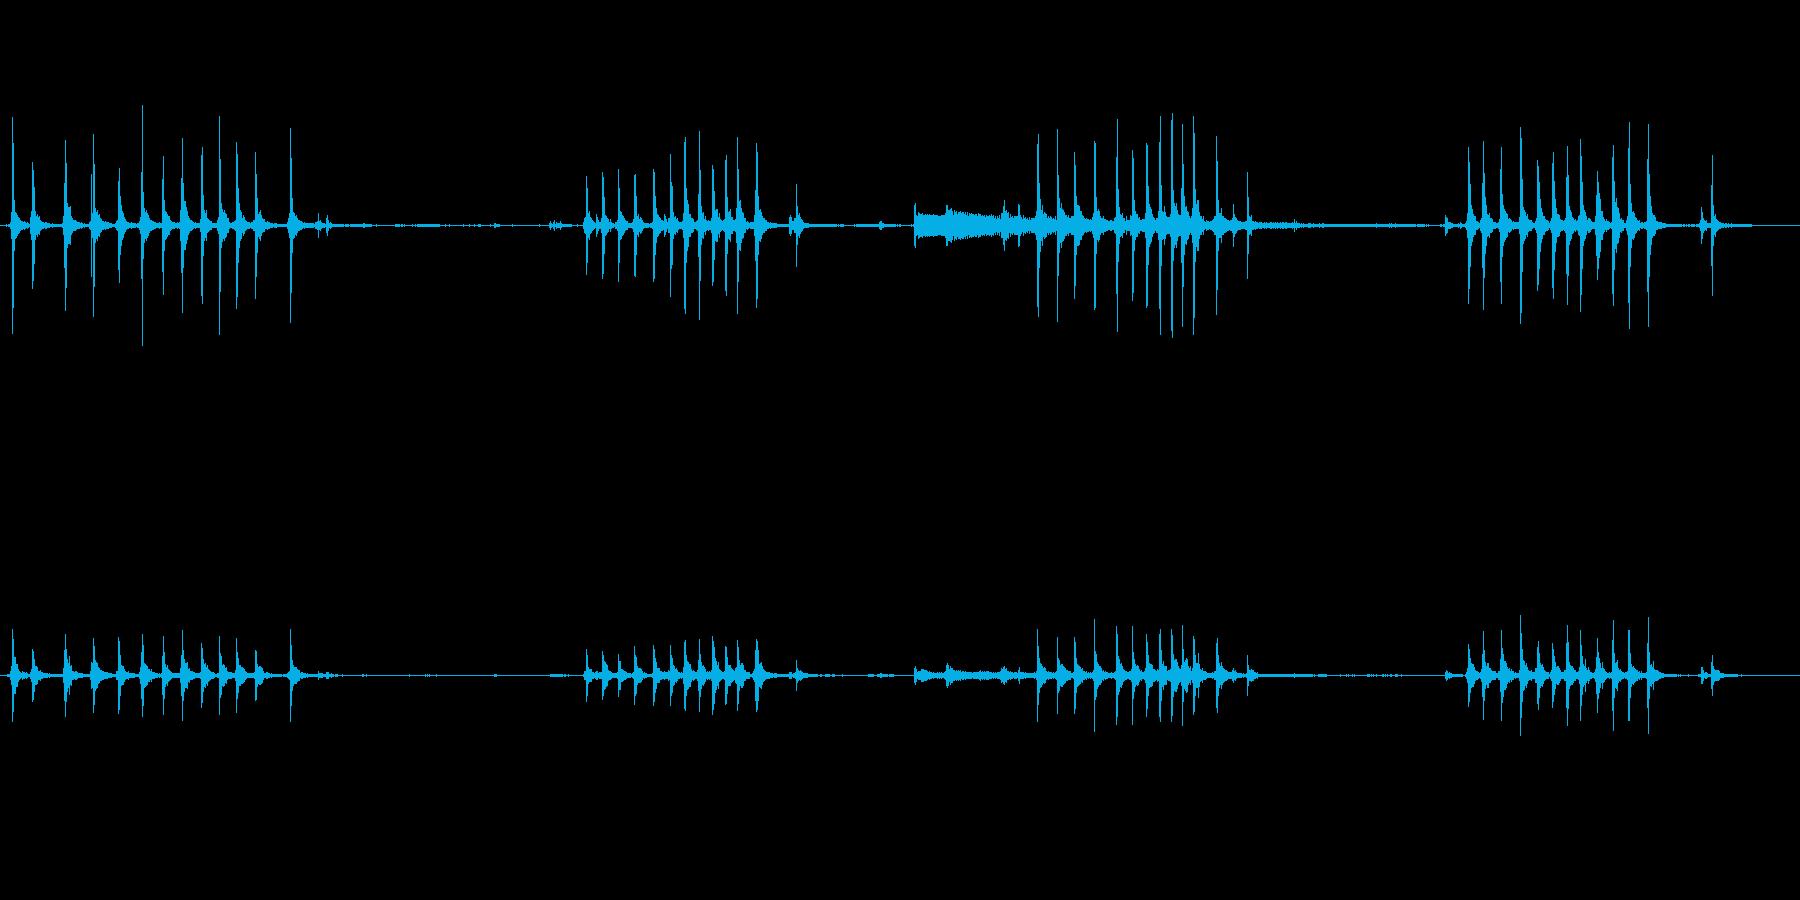 オルゴールの巻く音の再生済みの波形